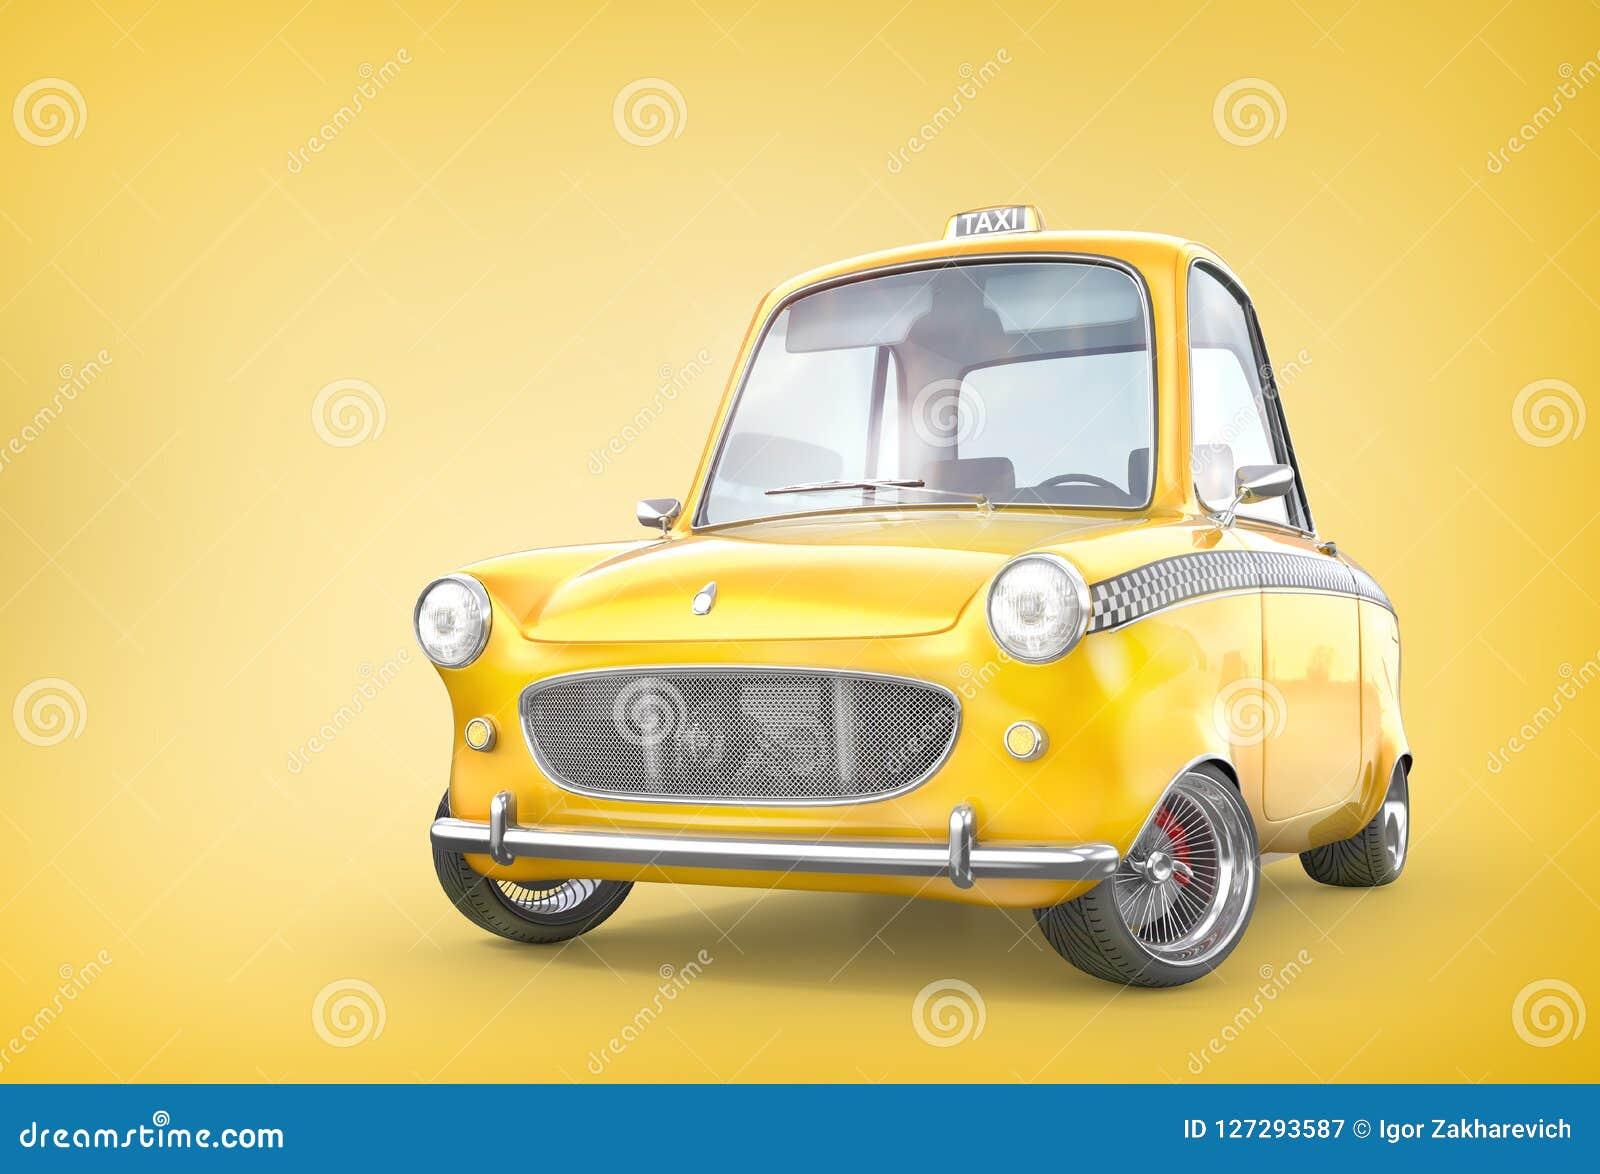 Coche retro amarillo del taxi en un fondo amarillo ilustración 3D